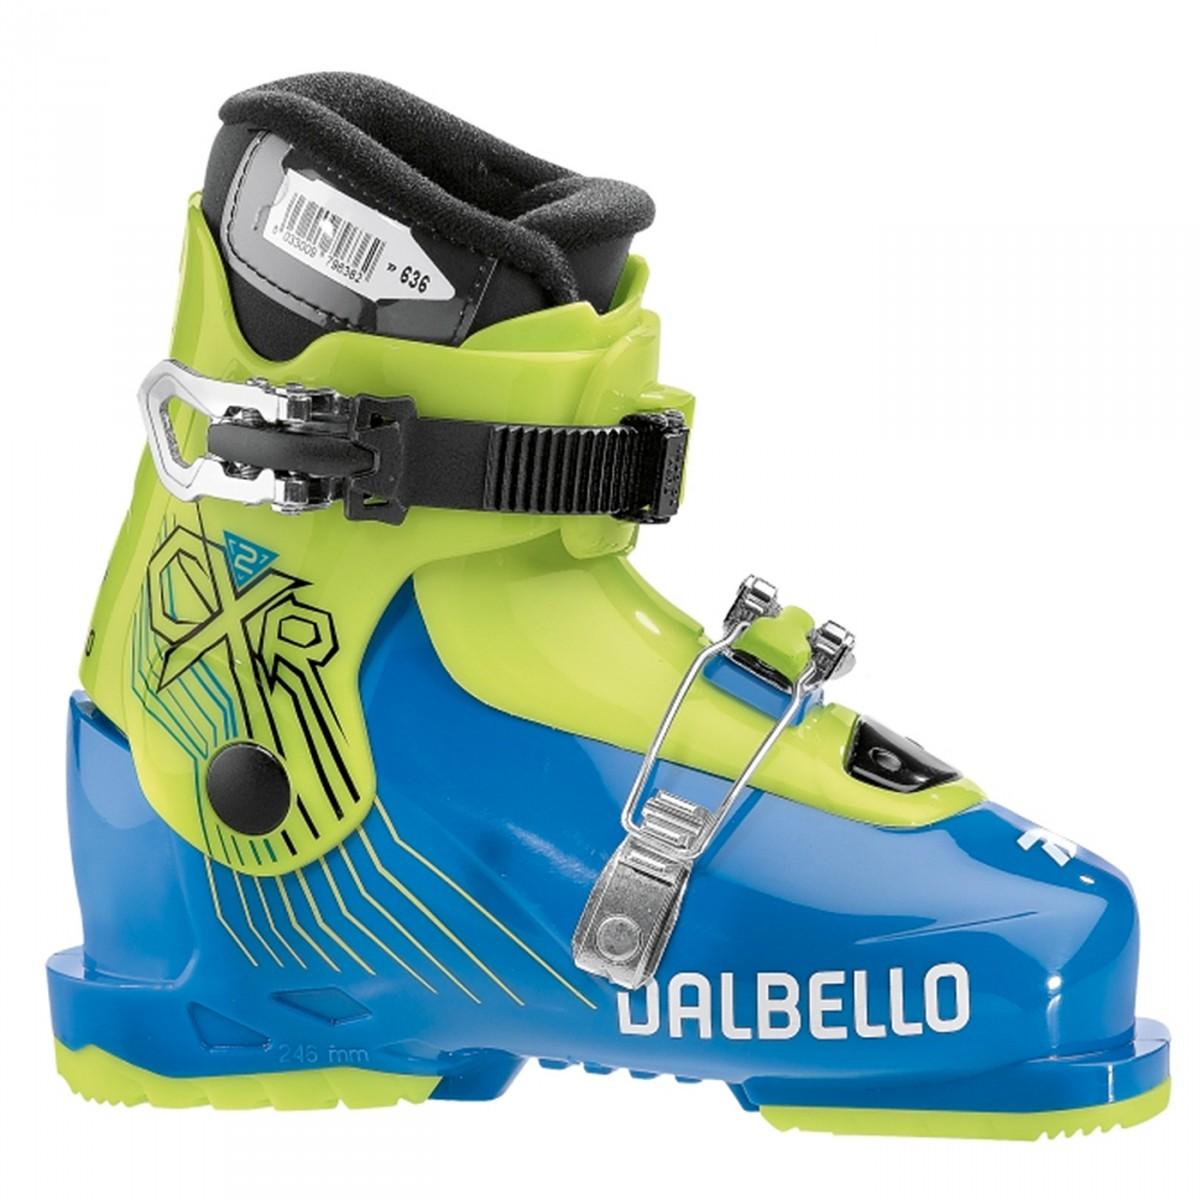 Scarponi sci Dalbello Rtl Cxr 2.0 (Colore: azzurro-giallo, Taglia: 21)